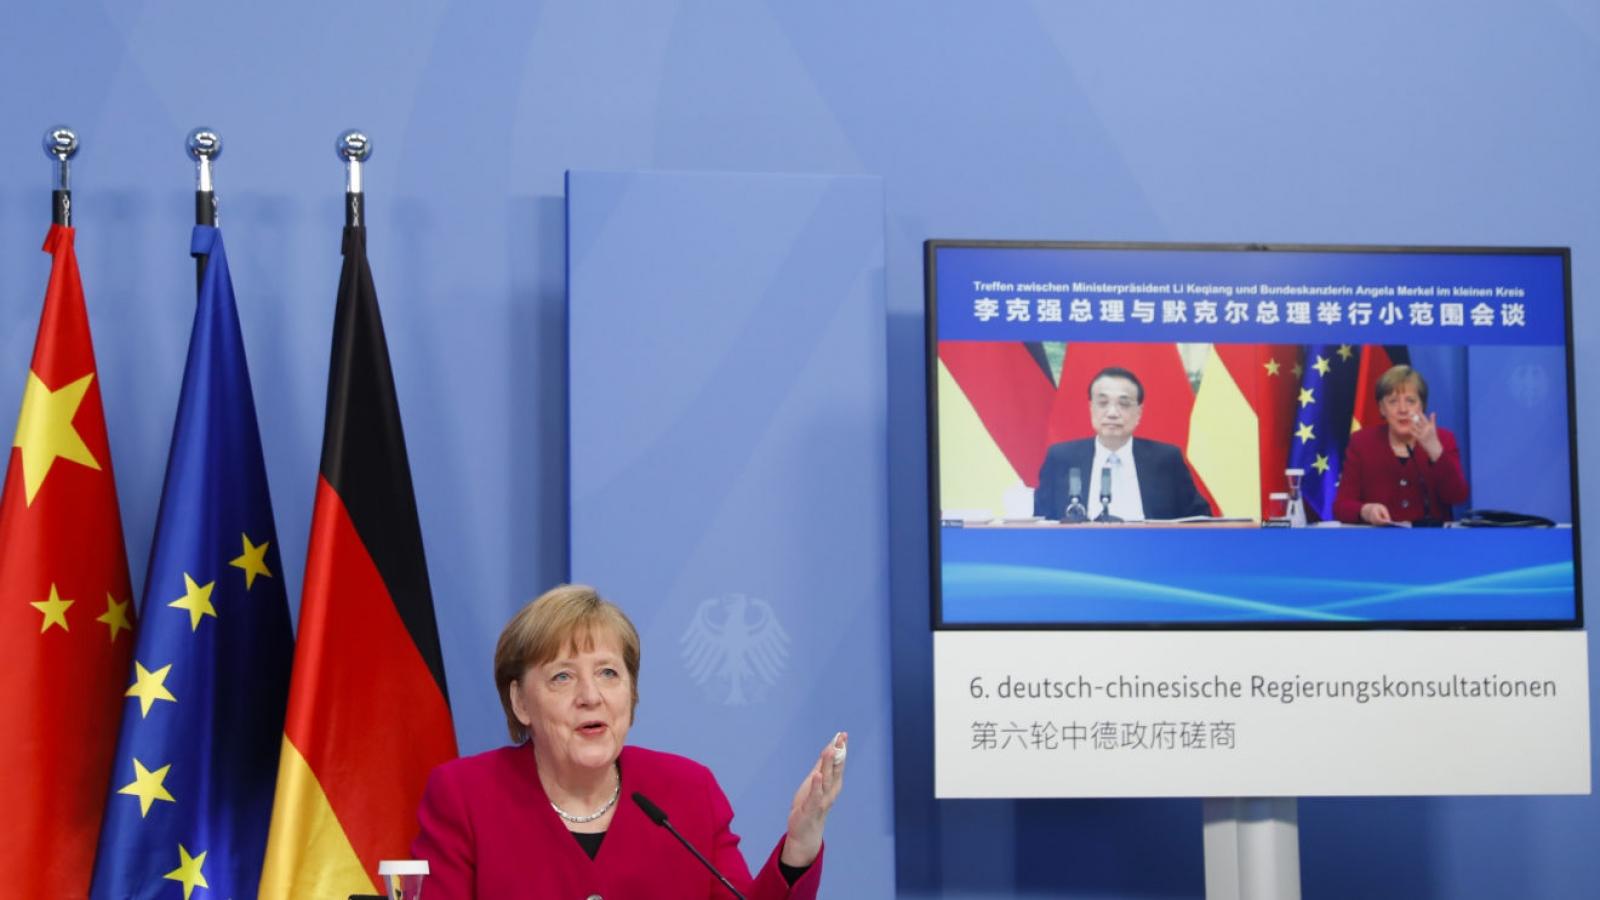 Đức giục Trung Quốc sớm nối lại đối thoại trong các chủ đề nhạy cảm